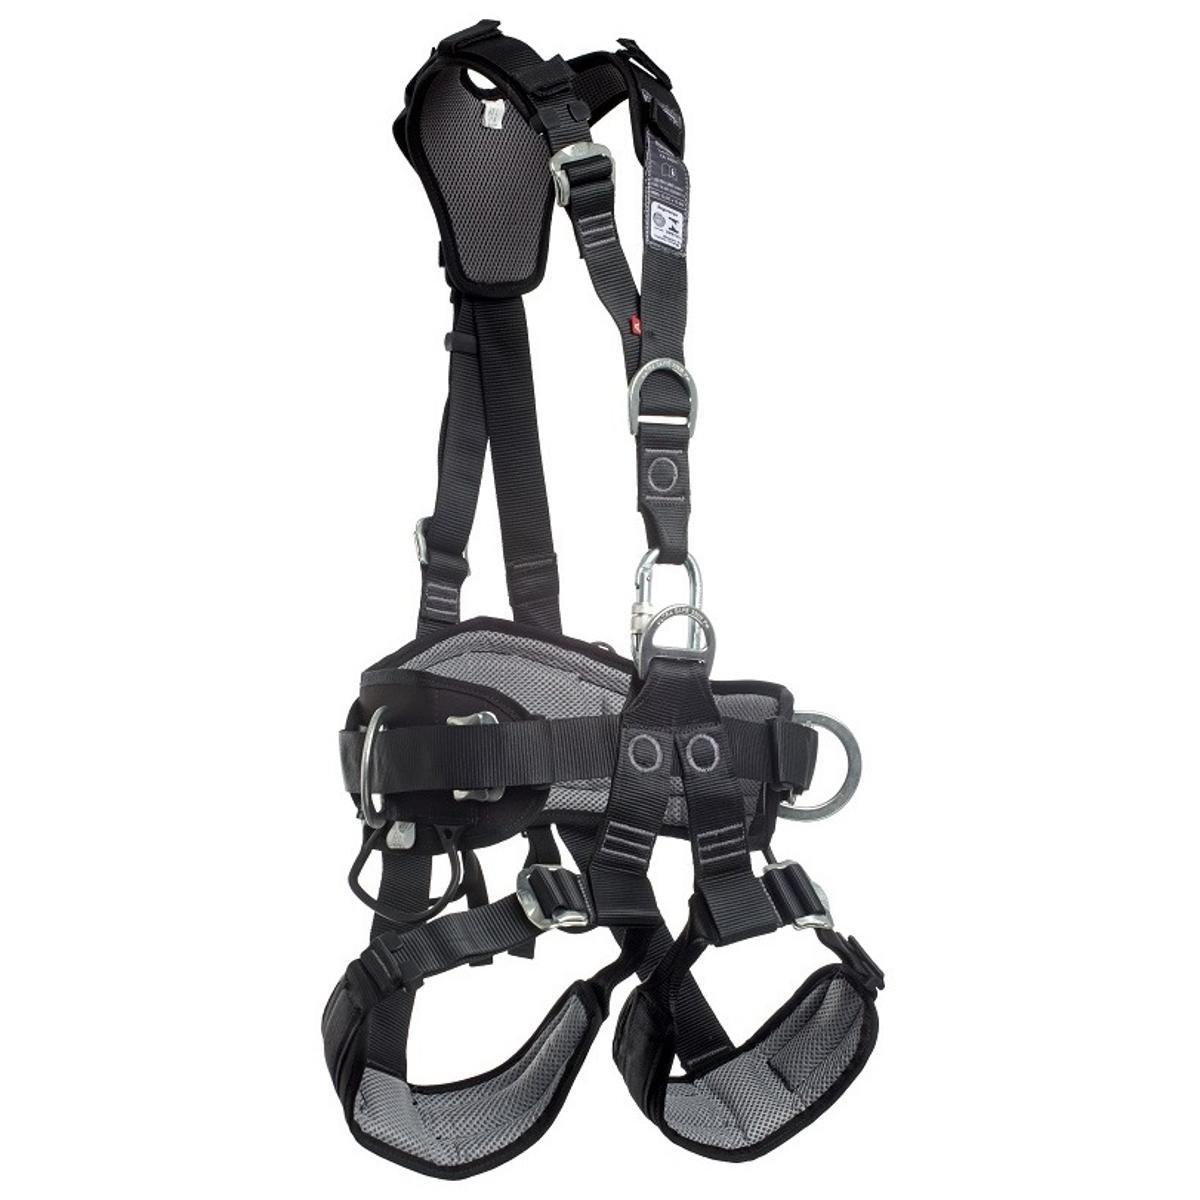 Cinto de resgate Ultra Safe TORINO - Preto - Compre Agora  4dce0926db0